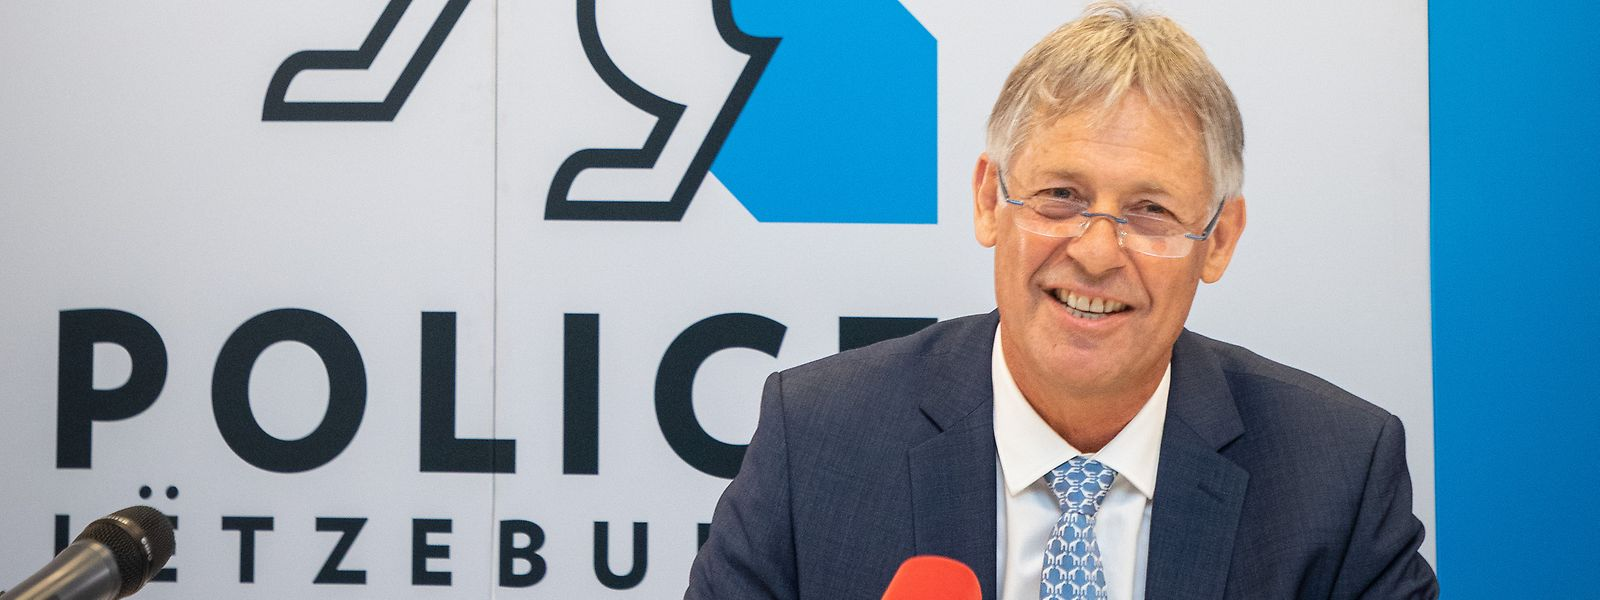 Henri Kox ist seit Kurzem der Nachfolger von François Bausch auf dem Posten des Ministers für Innere Sicherheit.